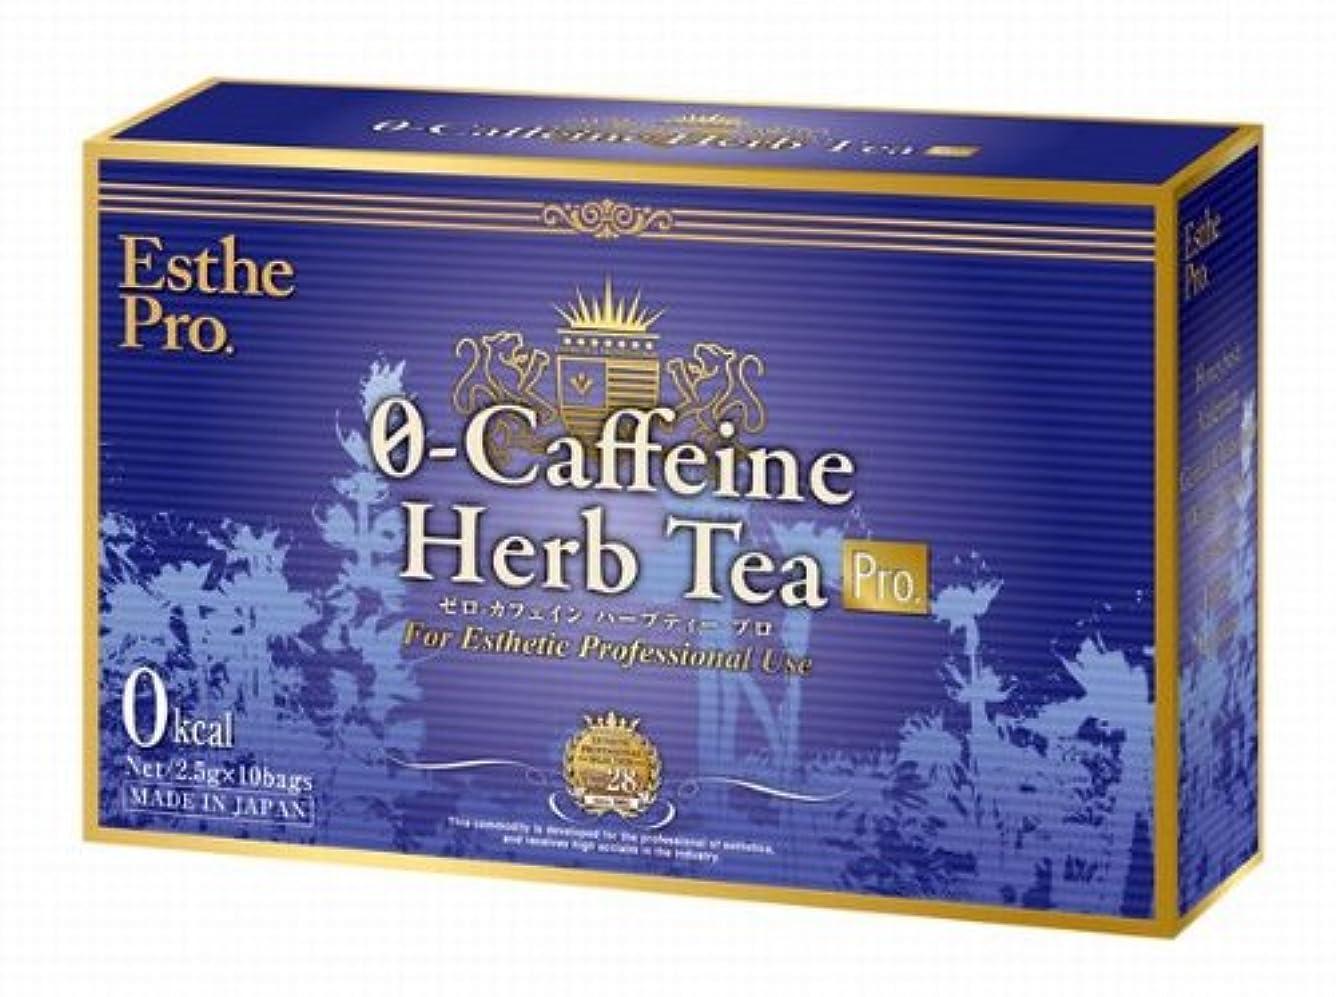 降伏ラテン要件エステプロ?ラボ(Esthe Pro Labo) ゼロ-カフェイン ハーブティー プロ 2.5g×10包